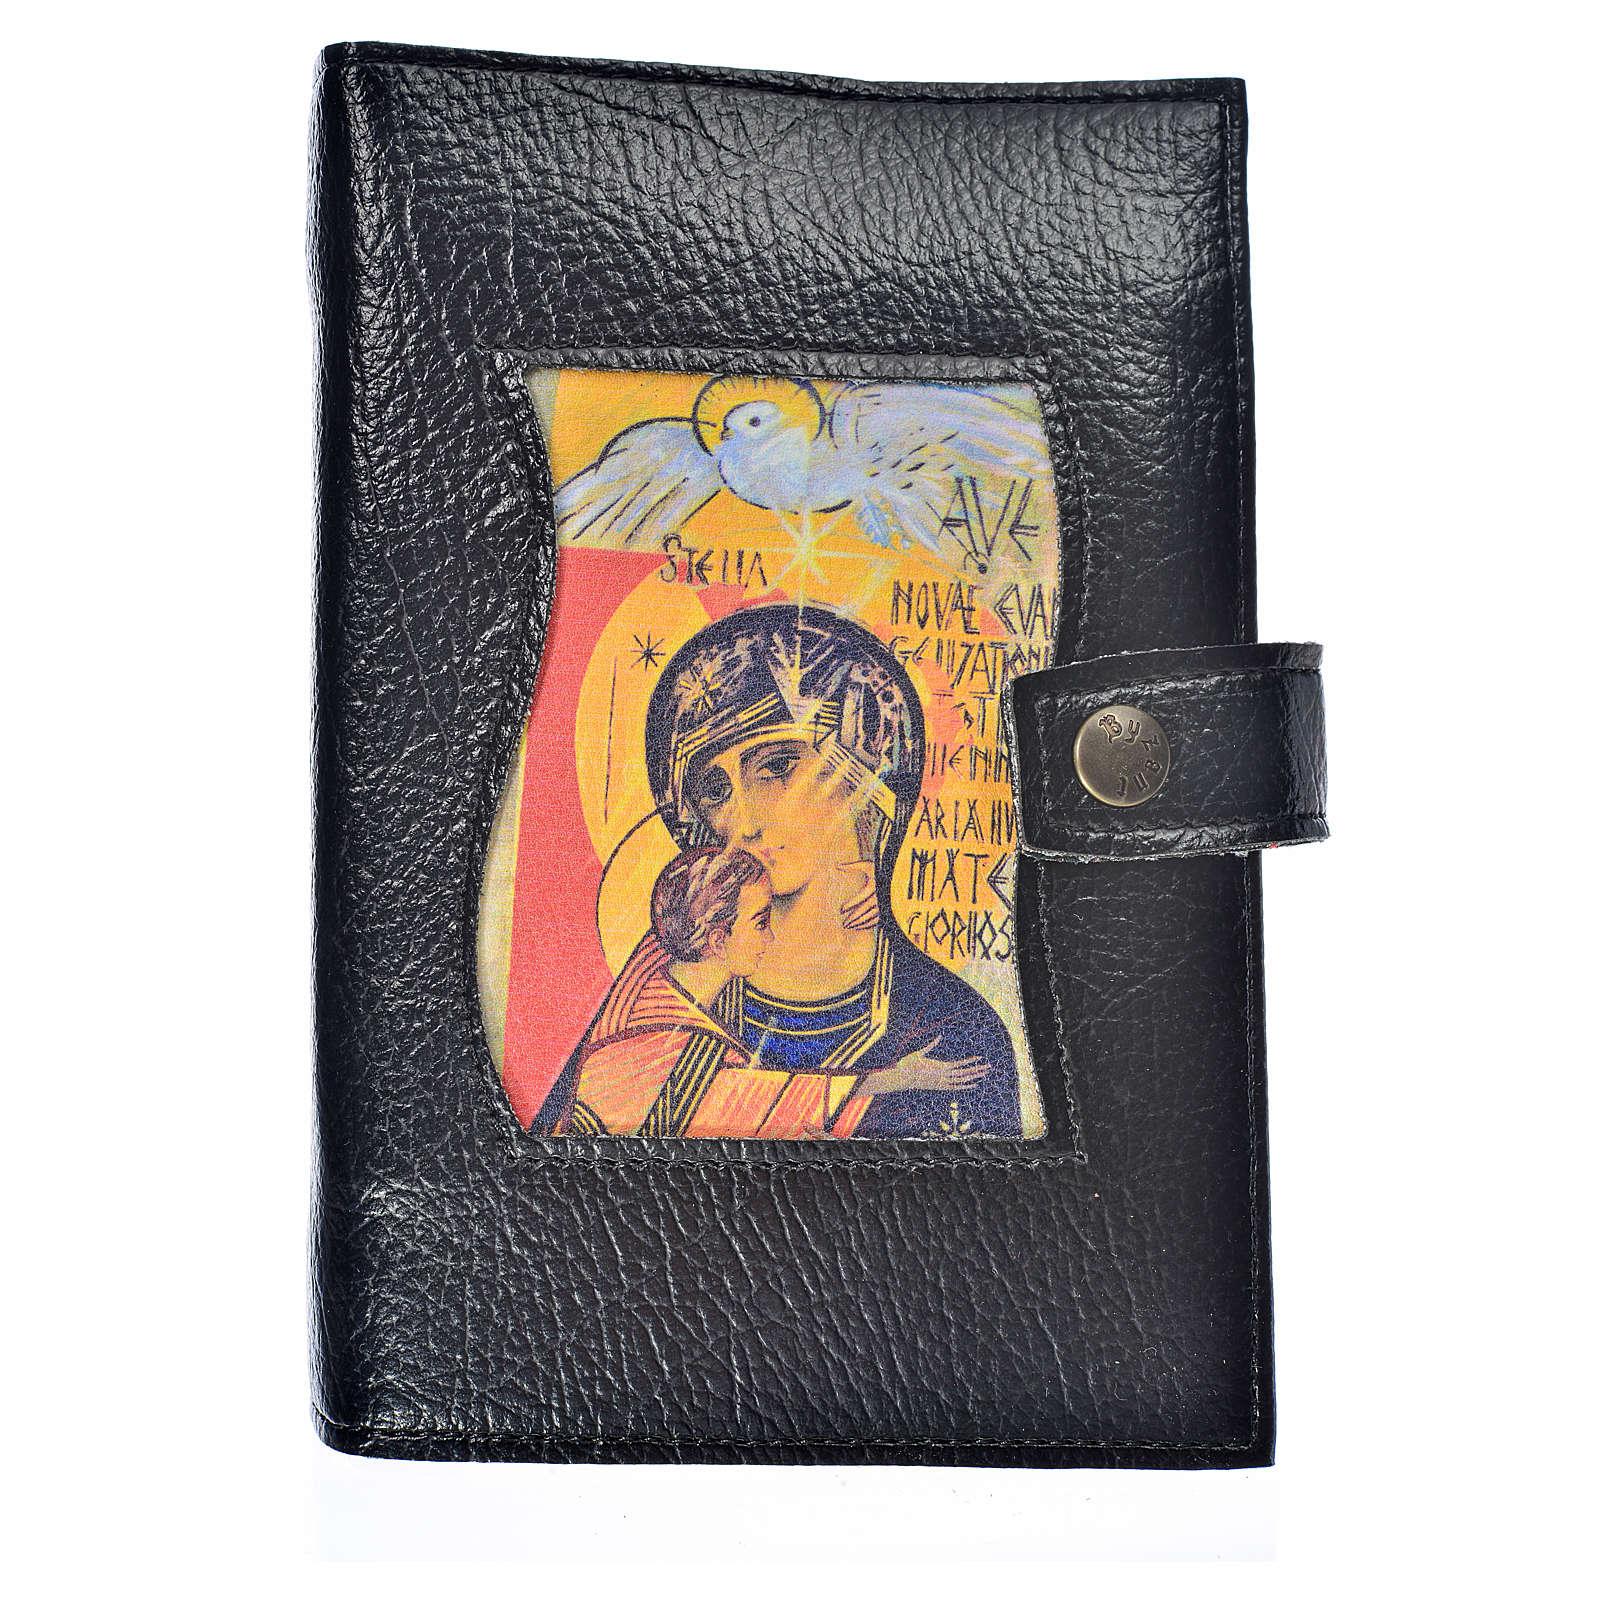 Funda lit. de las horas 4 vol. símil cuero Virgen Tercer Milenio 4